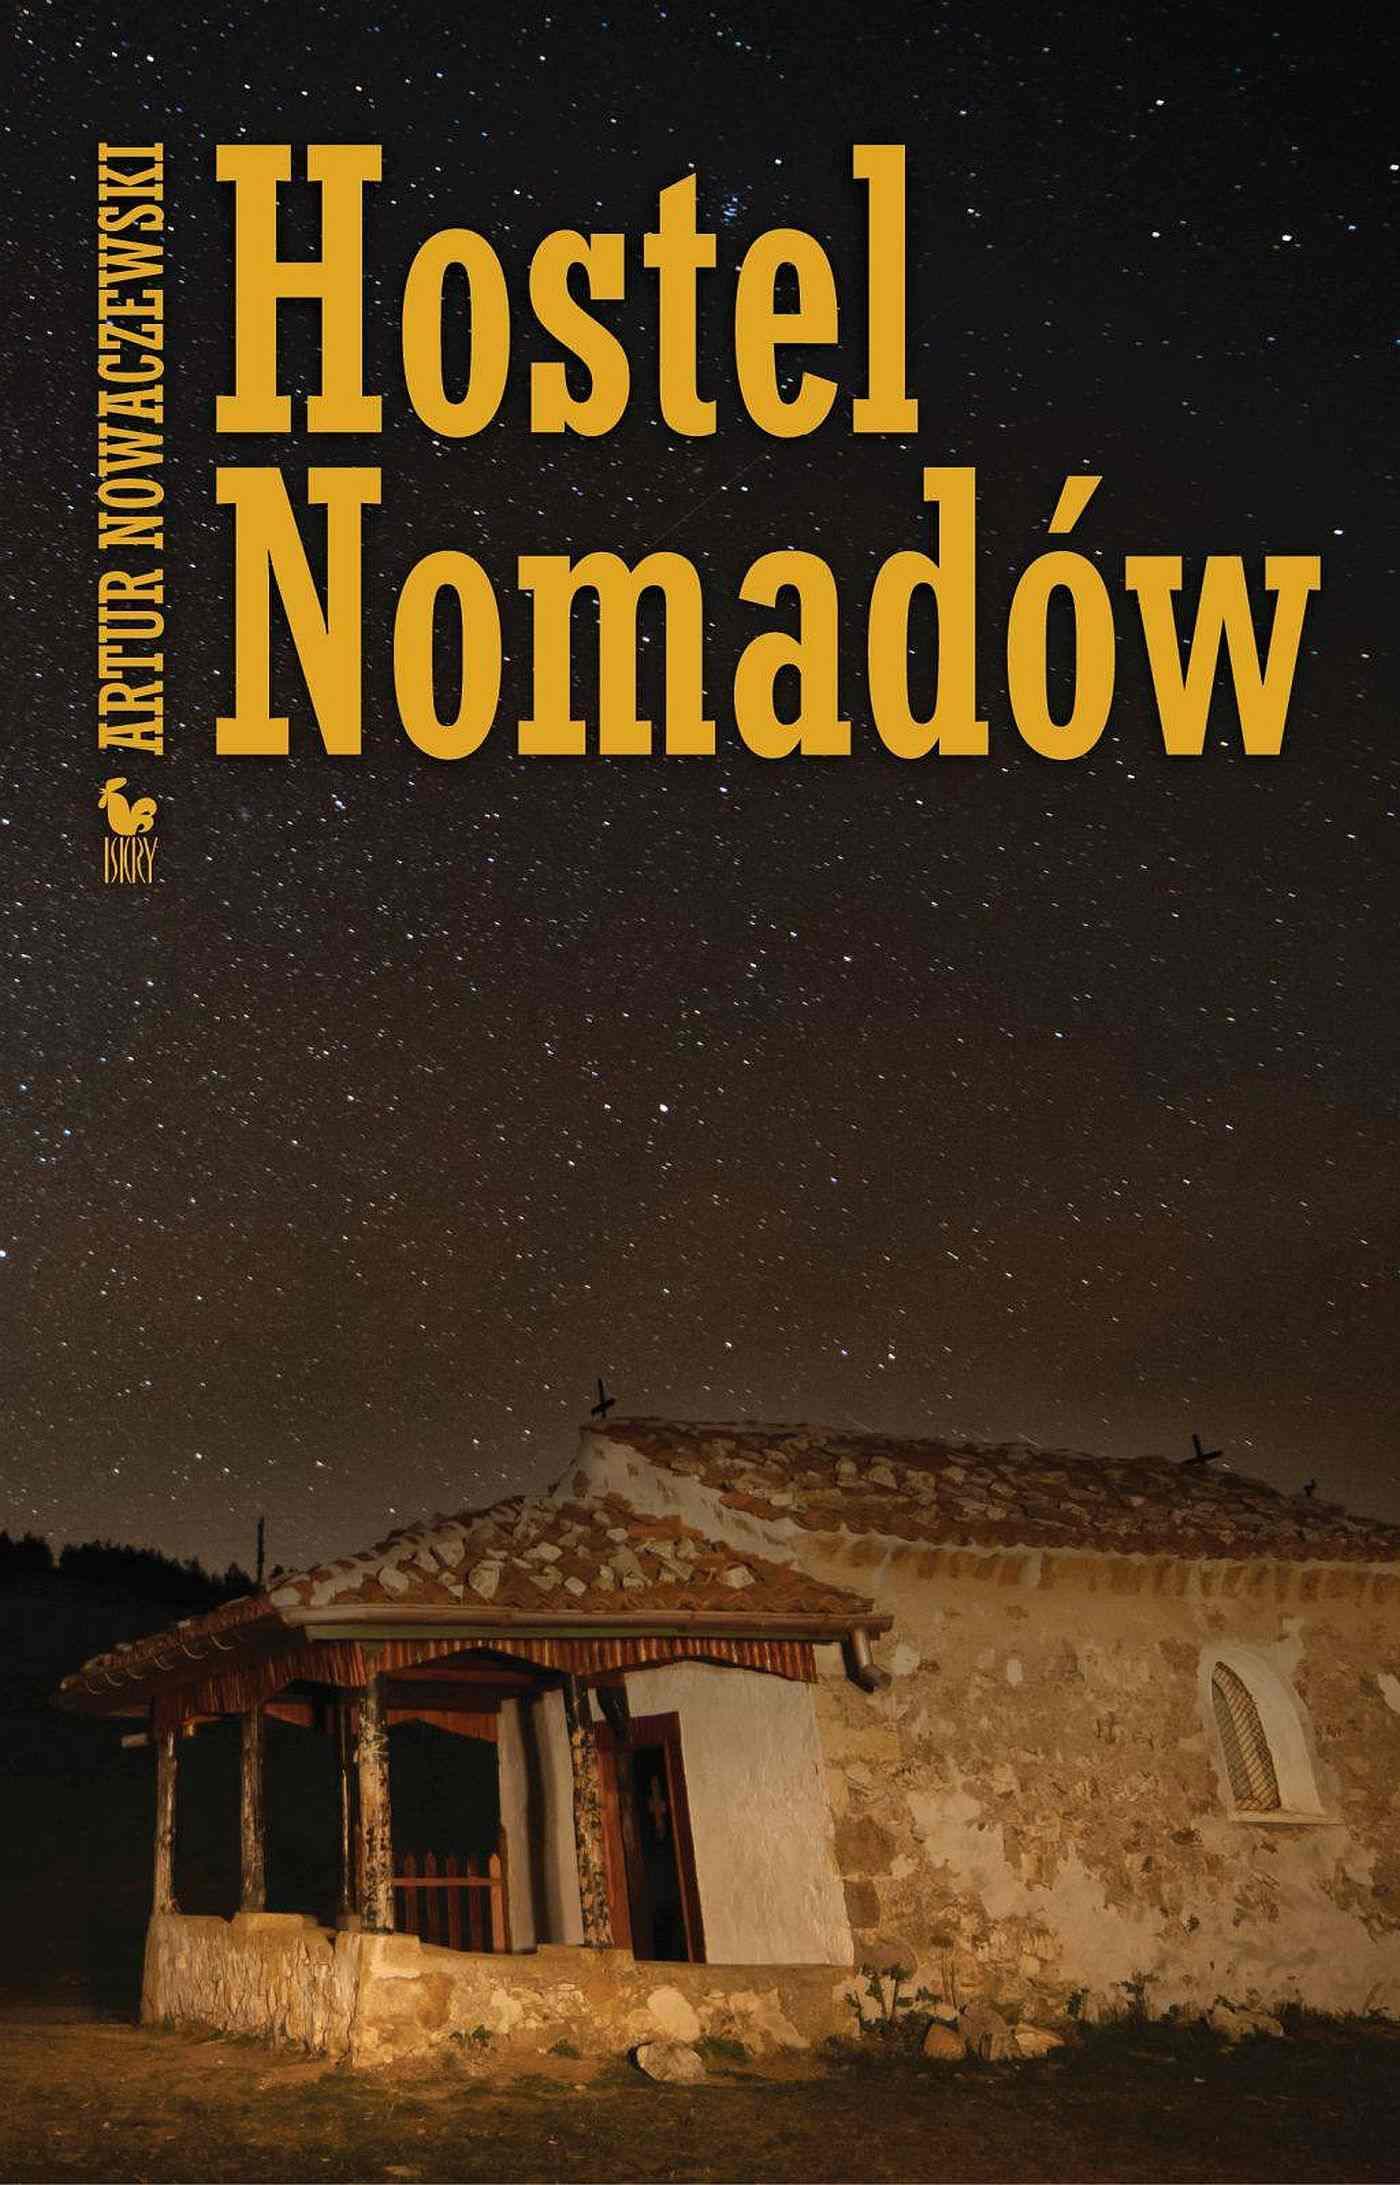 Hostel Nomadów - Ebook (Książka EPUB) do pobrania w formacie EPUB